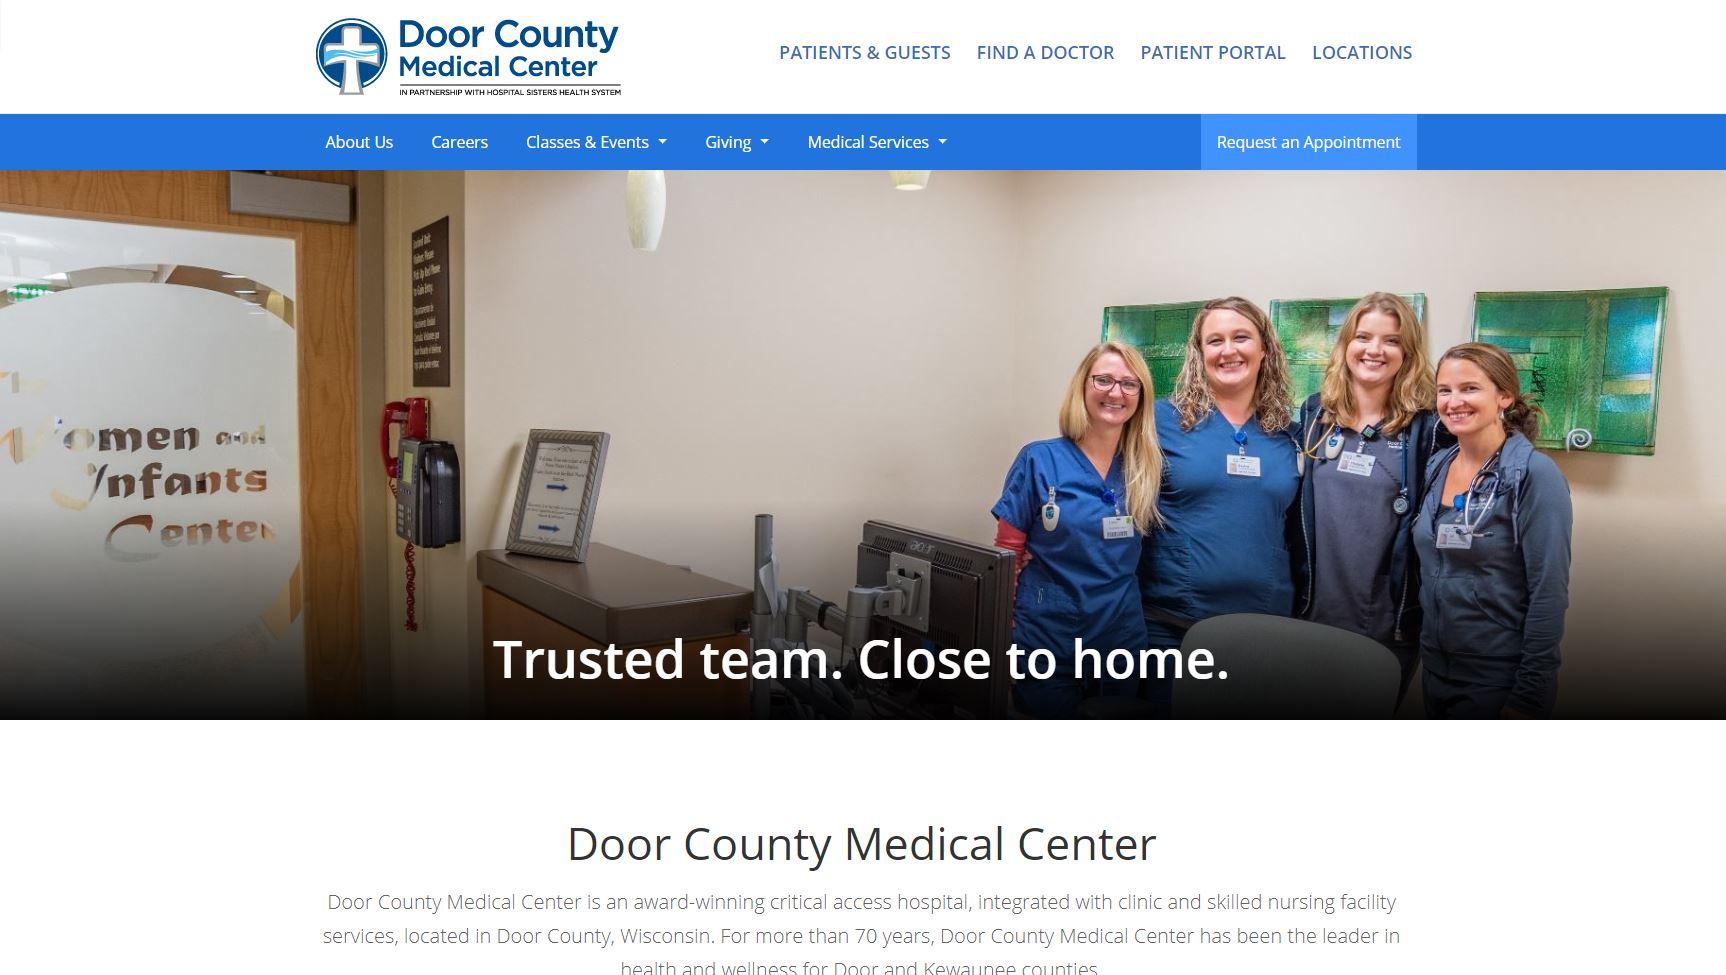 Door County Medical Center - Home